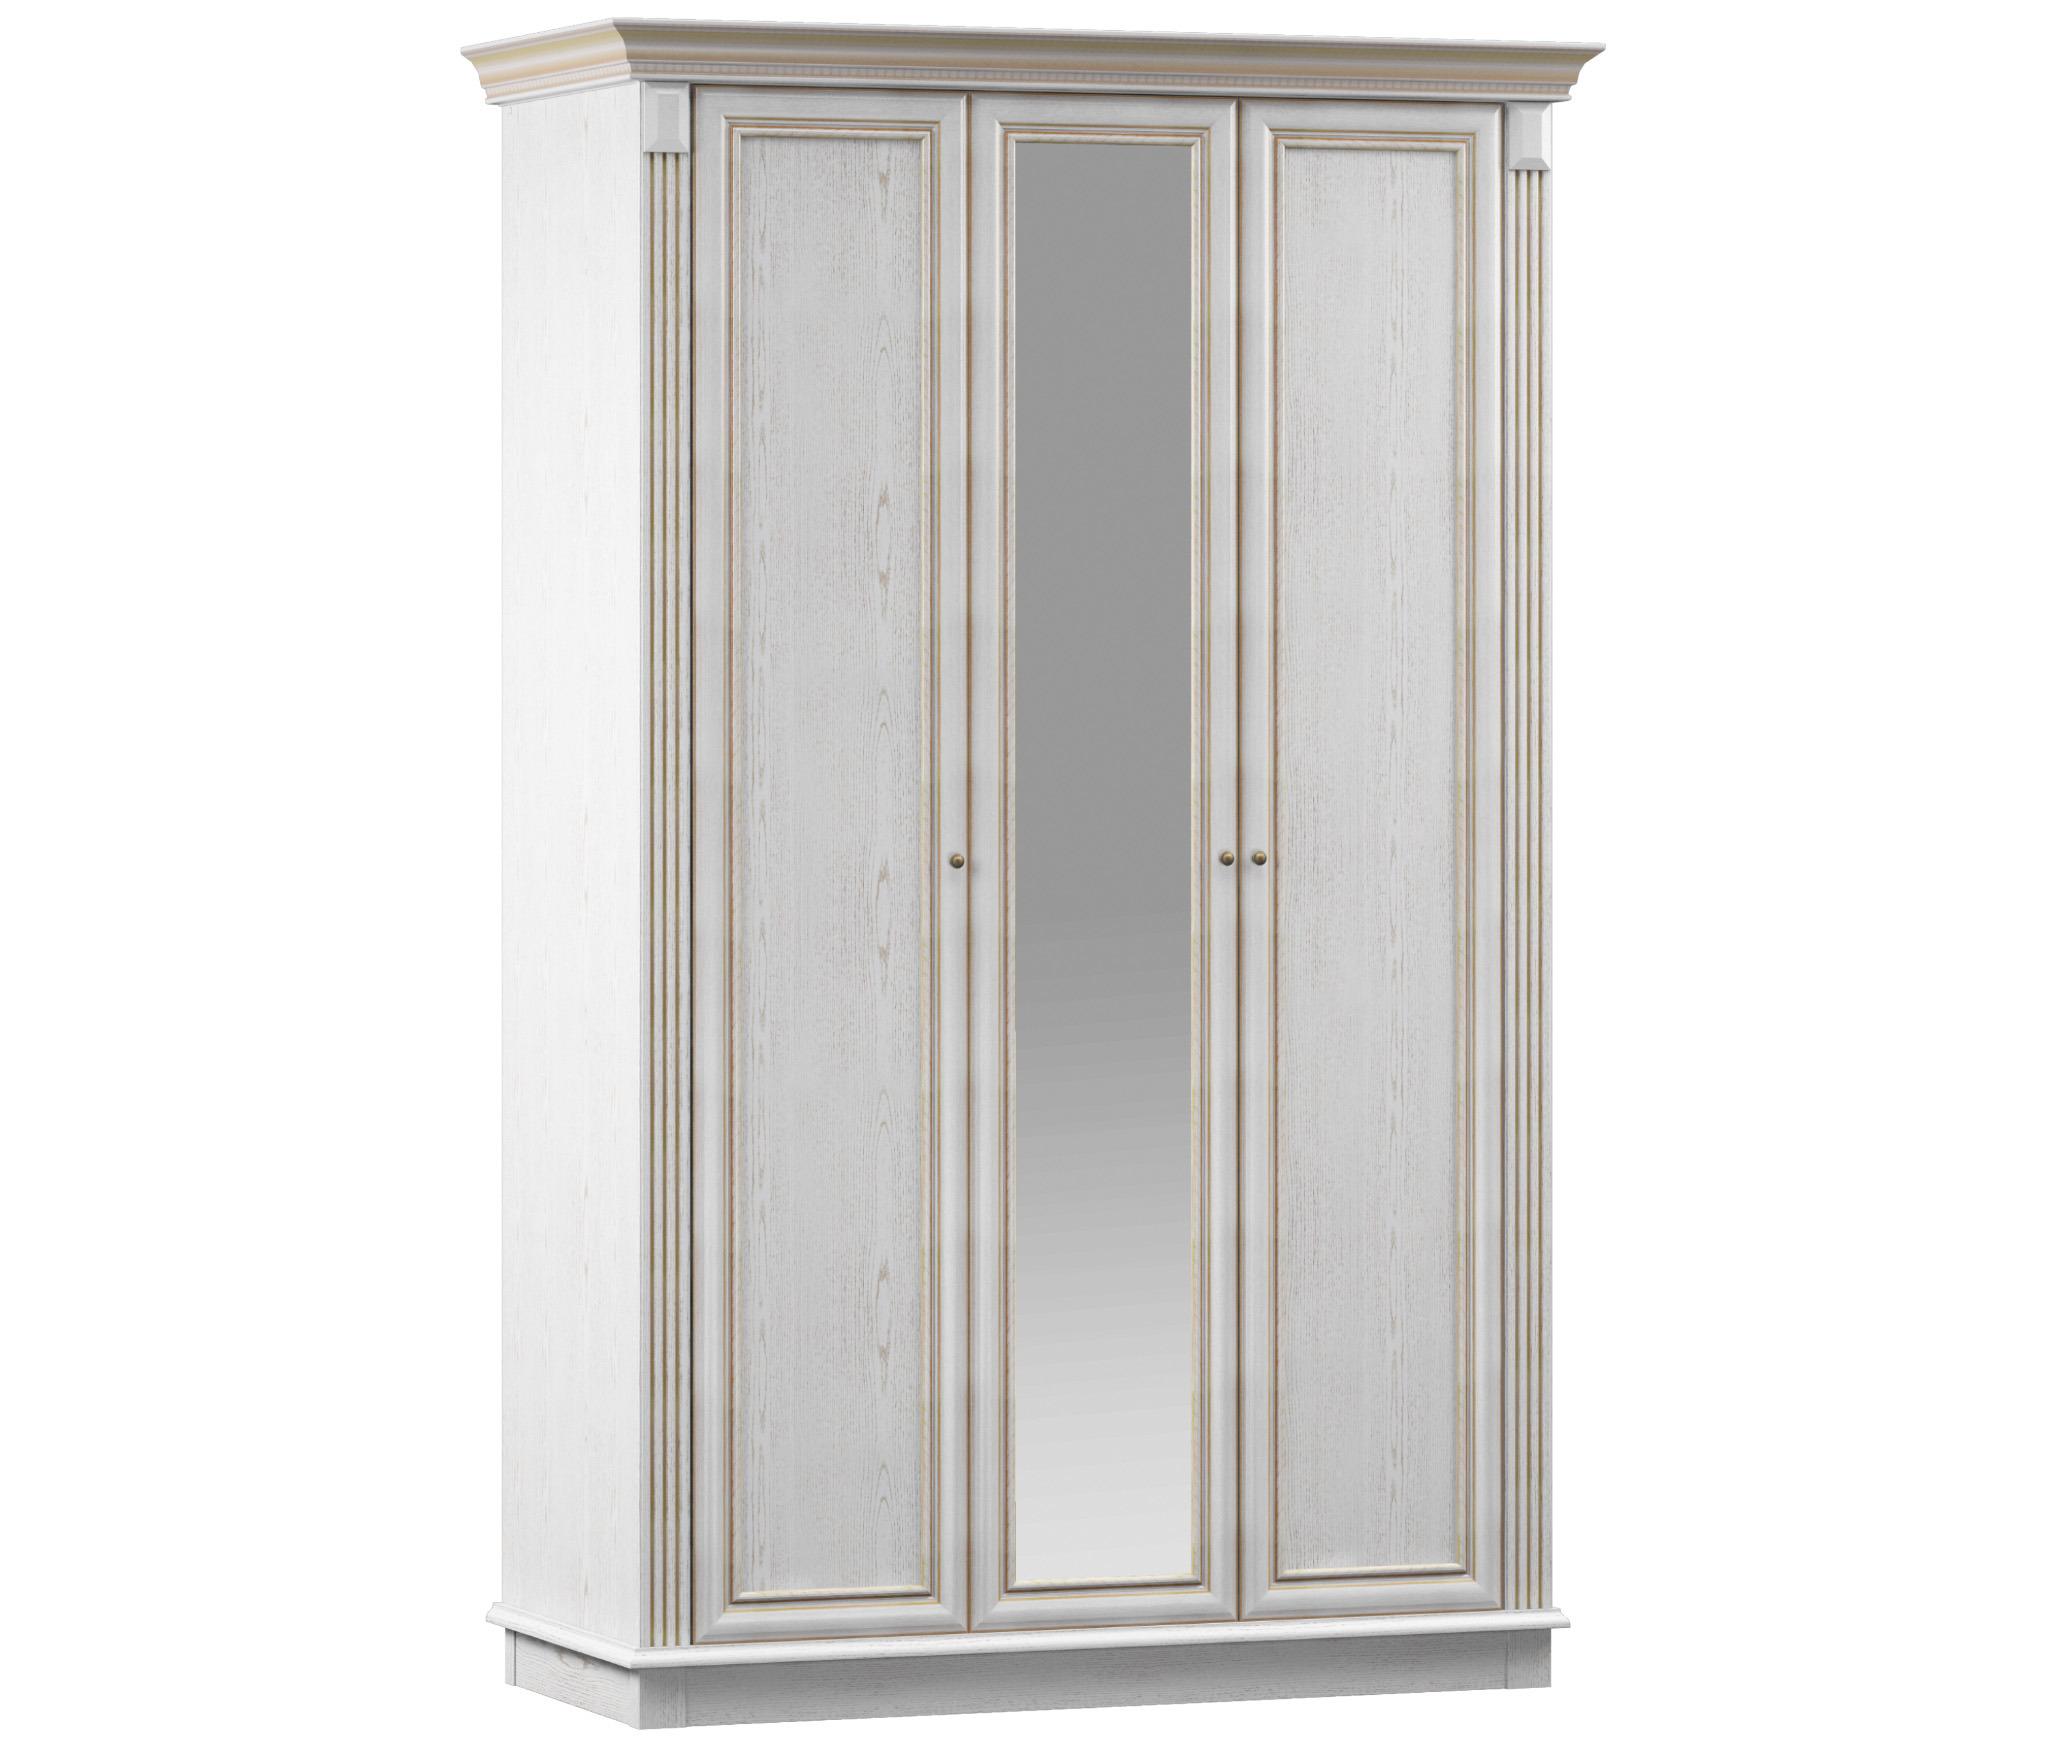 Версаль СБ-2318 Шкаф 3-х дверный с зеркаломШкафы для гостиной<br>